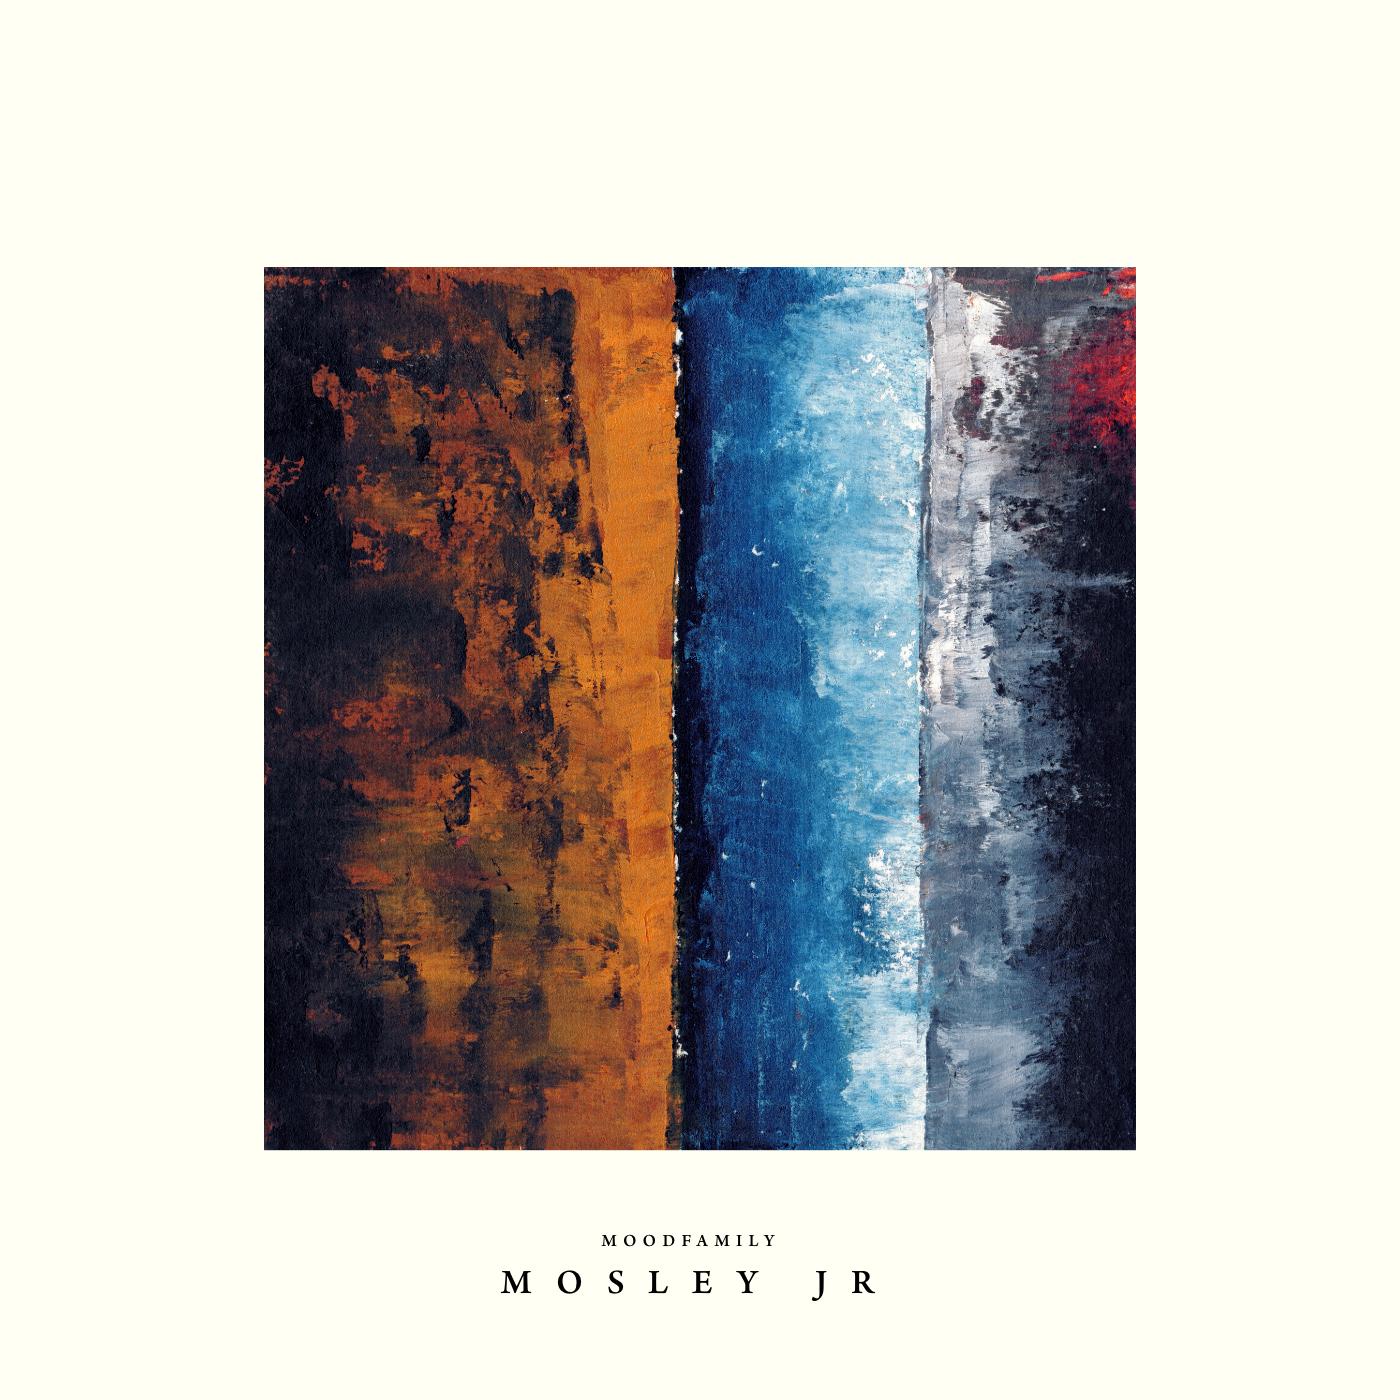 Mosley Jr - Nothing In Between